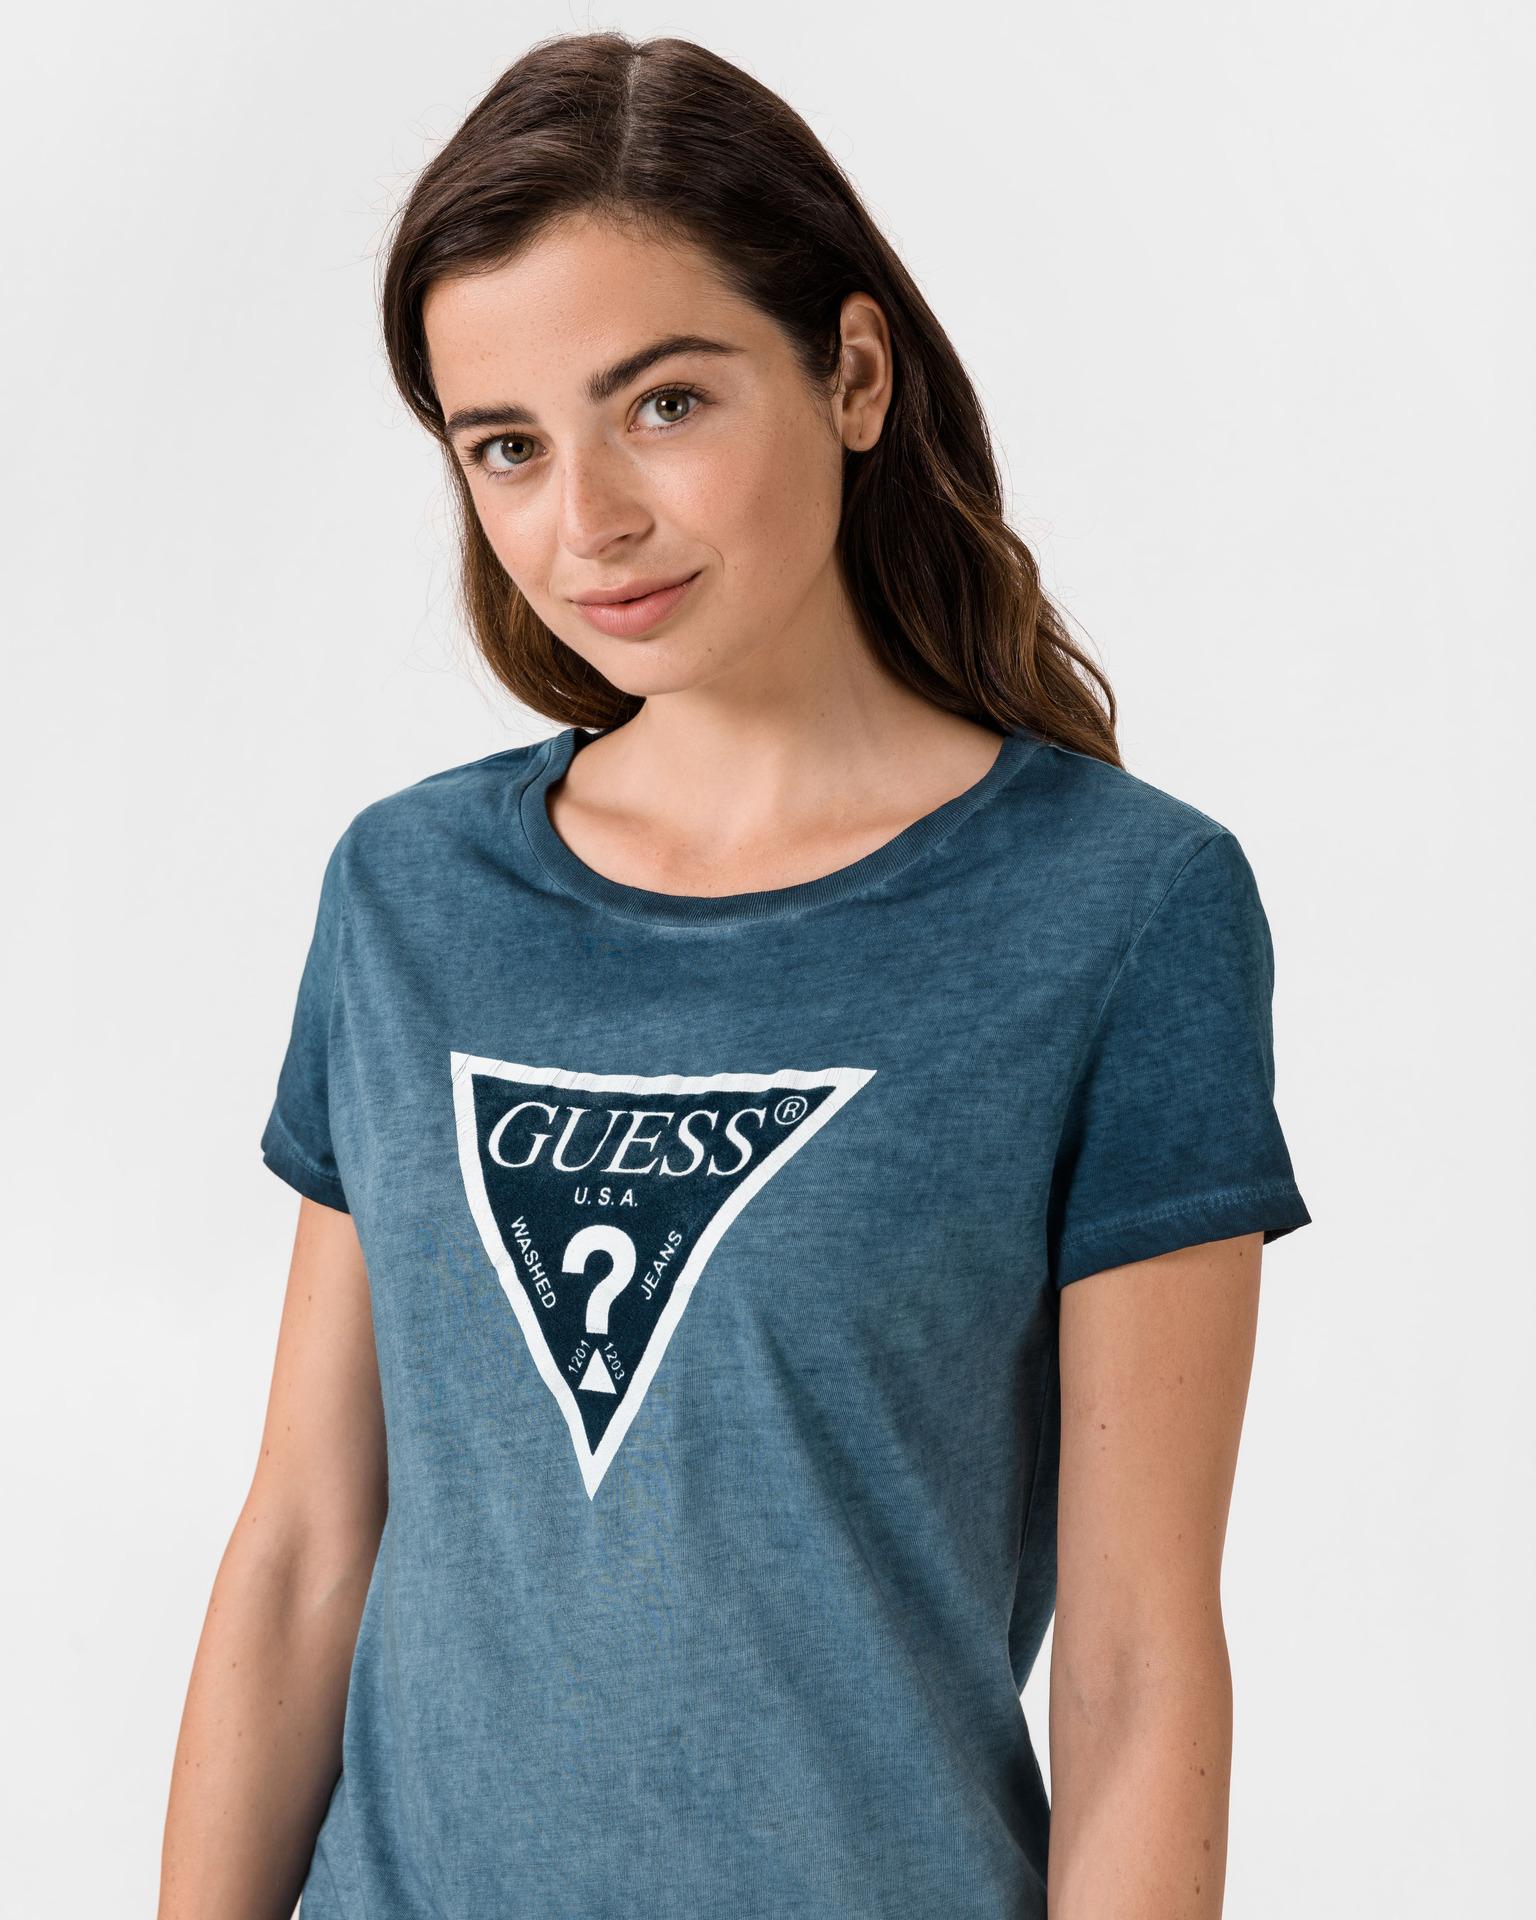 Tricouri pentru femei Guess - albastru